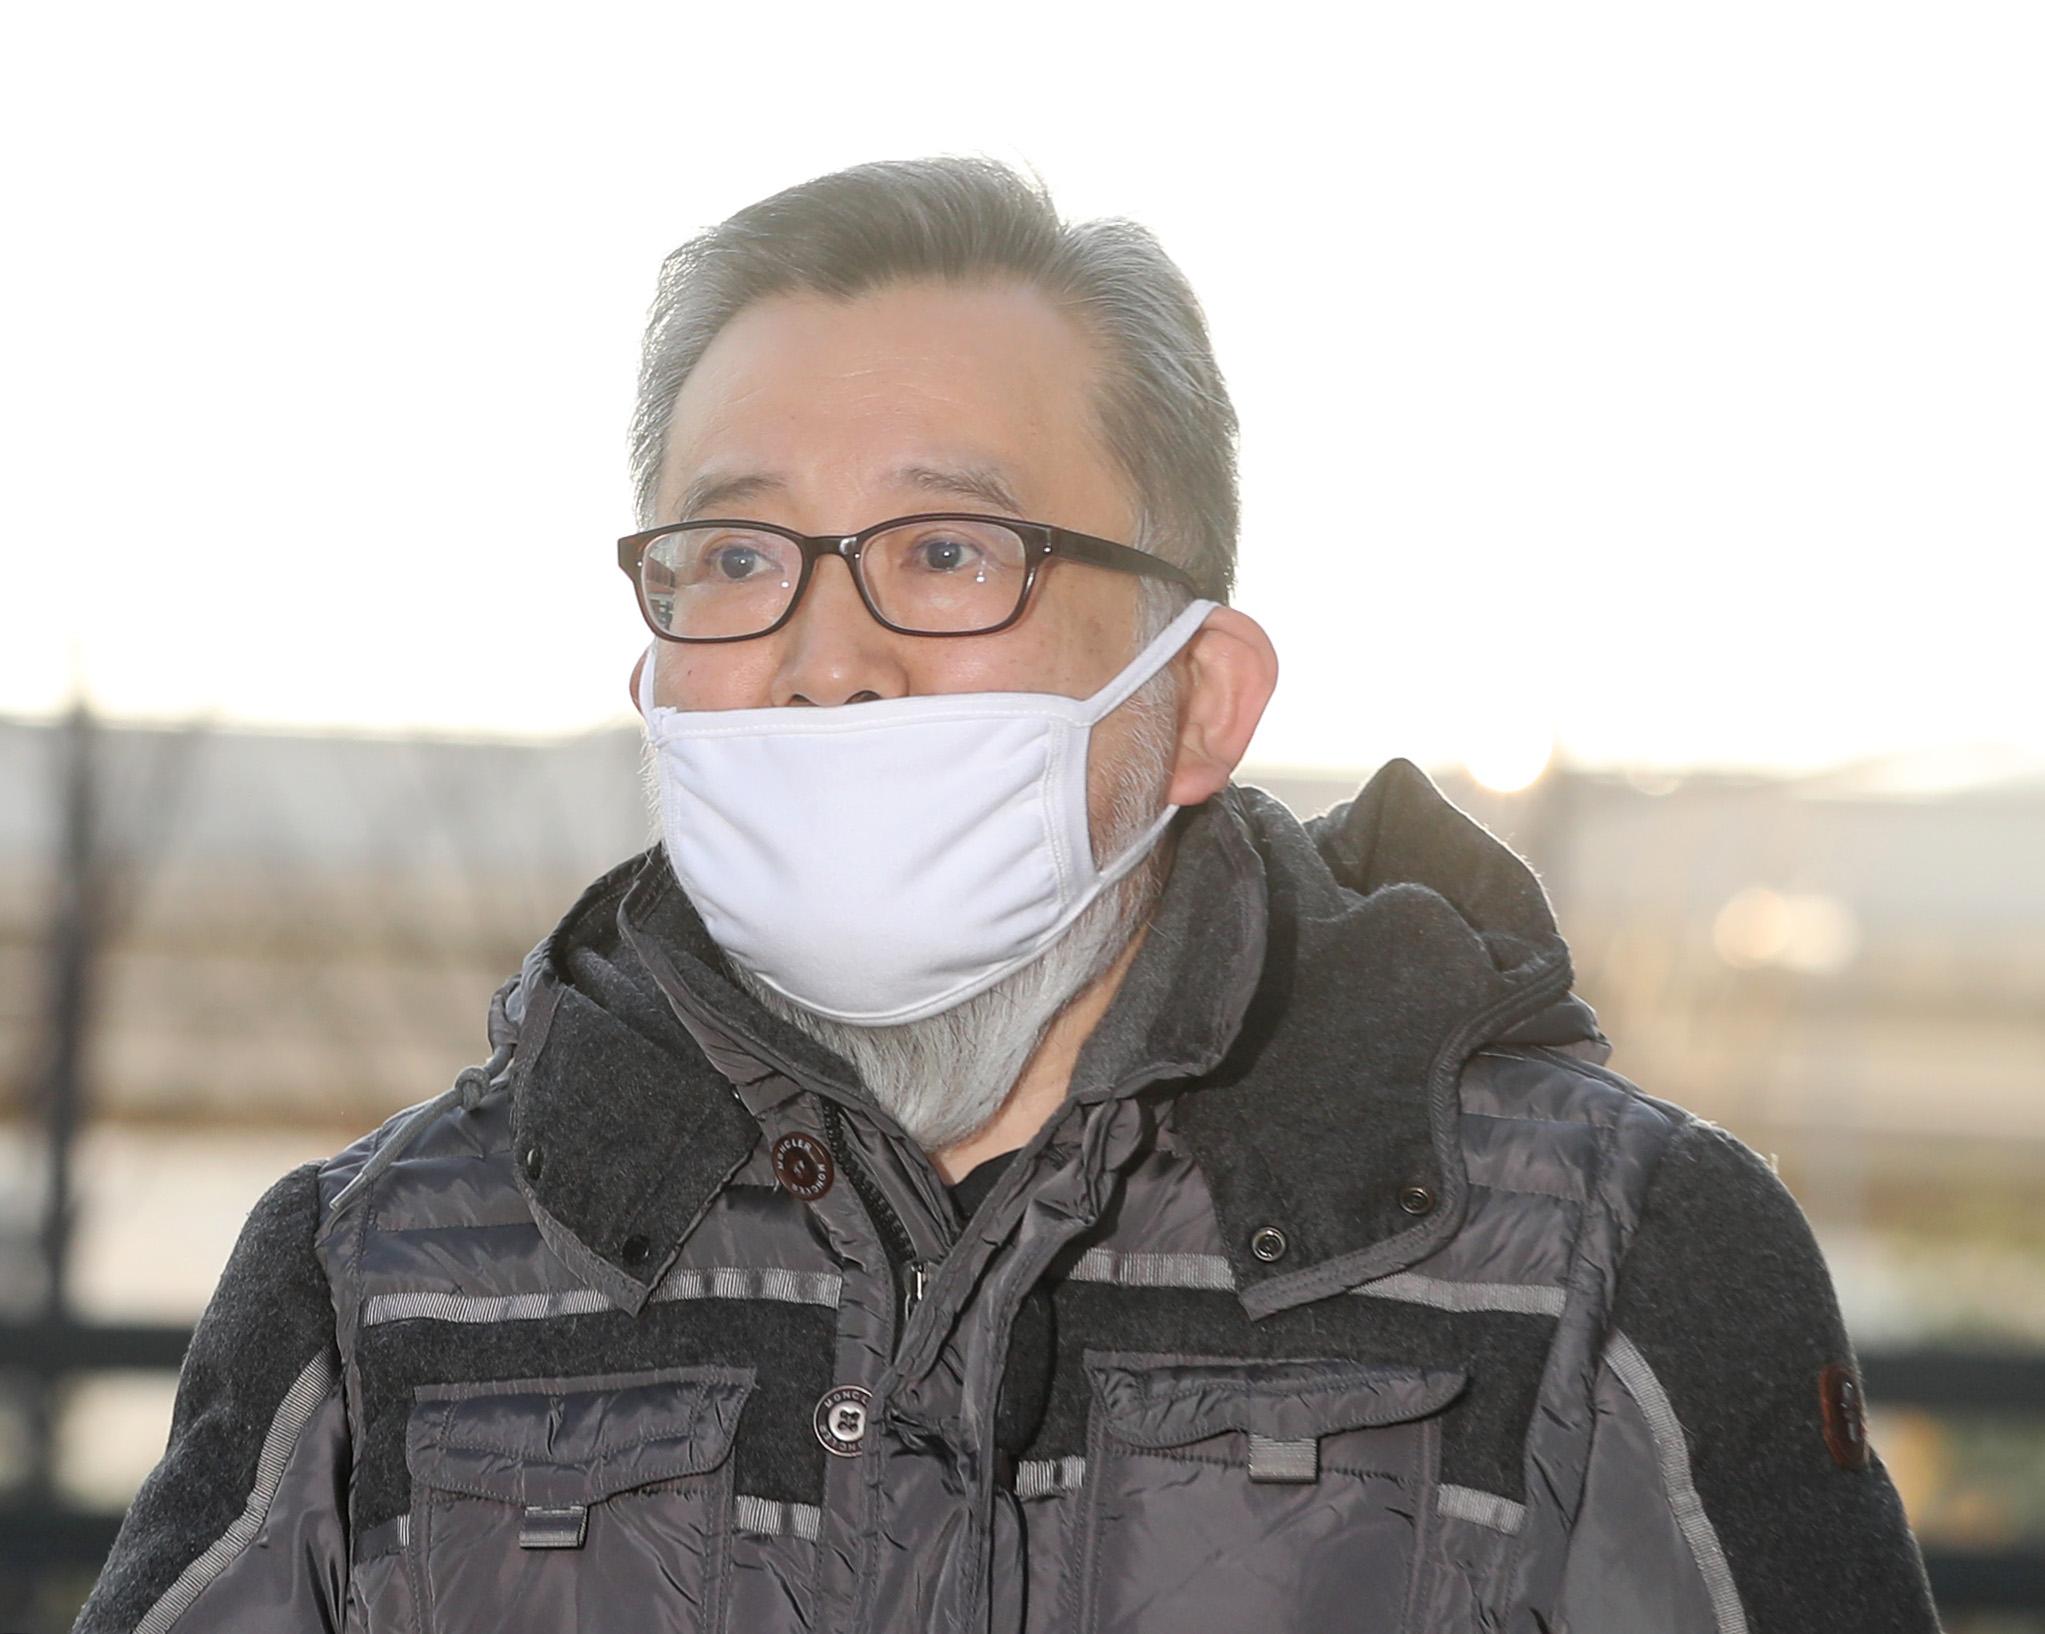 [와이파일]10년의 덫...'김학의 동영상'은 사실, 그러나 처벌은 못 해